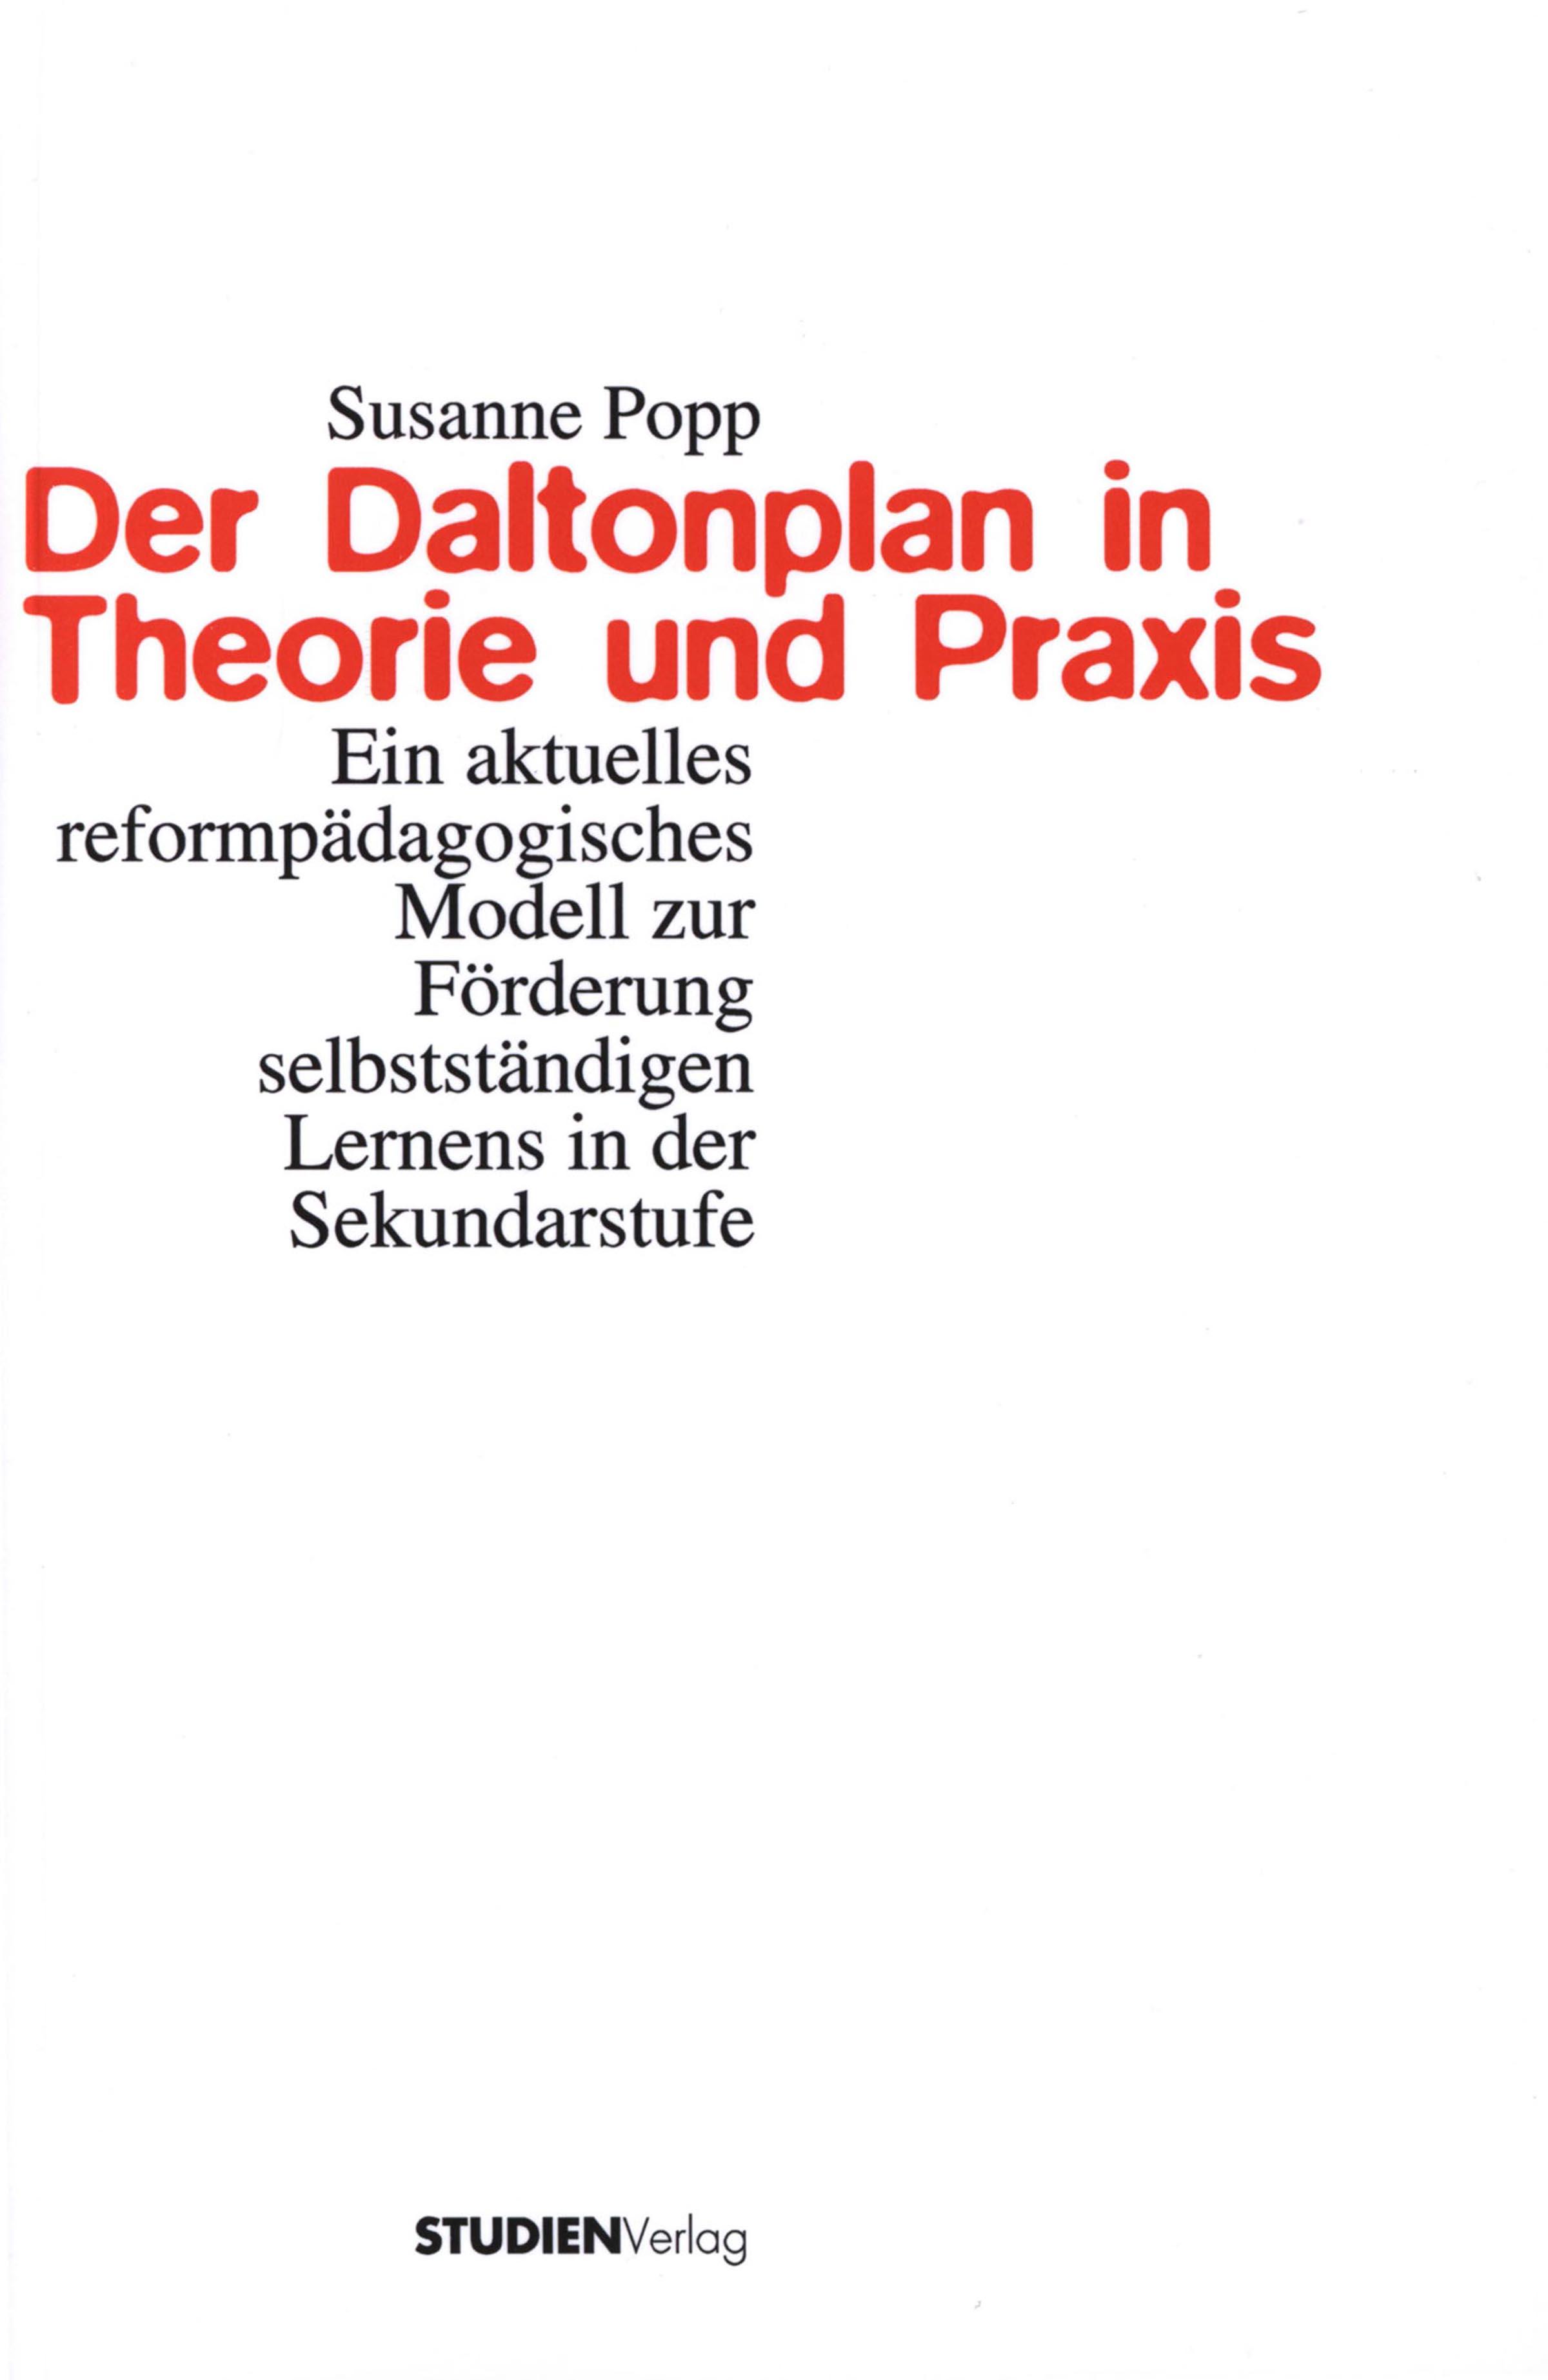 Susanne Popp Der Daltonplan in Theorie und Praxis j h veder theorie en praktijk eenige beschouwingen over onze handelspolitiek naar aanleiding der jongst verschenen geschriften dutch edition